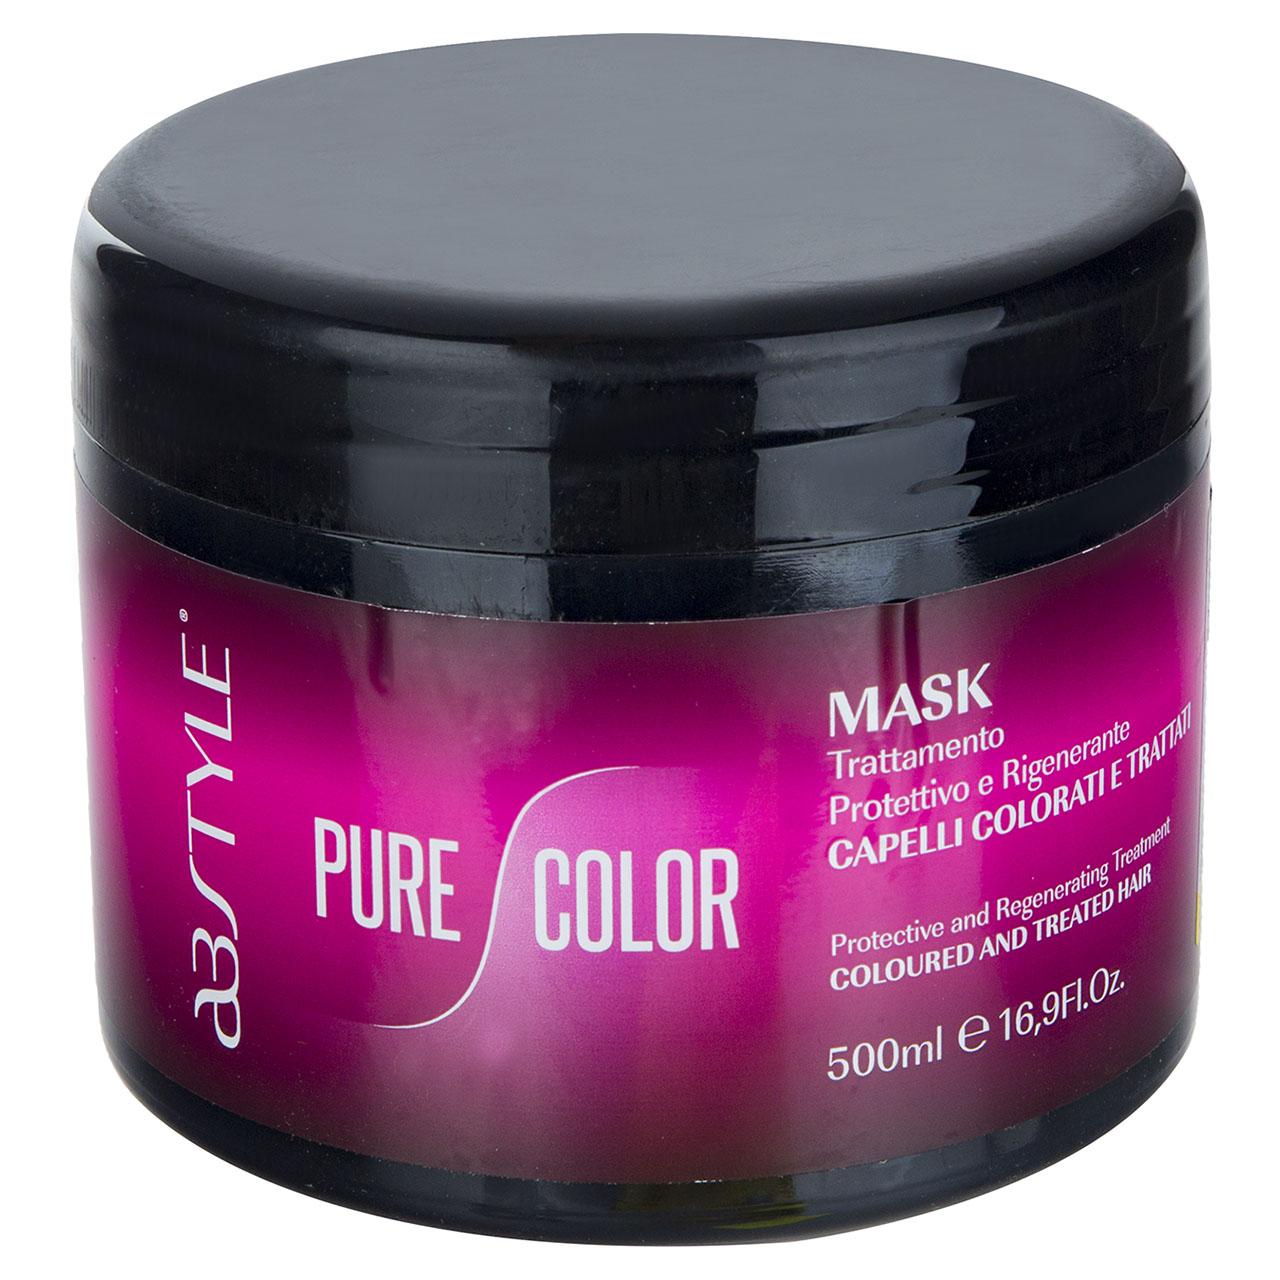 ماسک احیا کننده و تثبیت کننده موهای رنگ شده ای بی استایل مدل Pure Color حجم 500 میلی لیتر